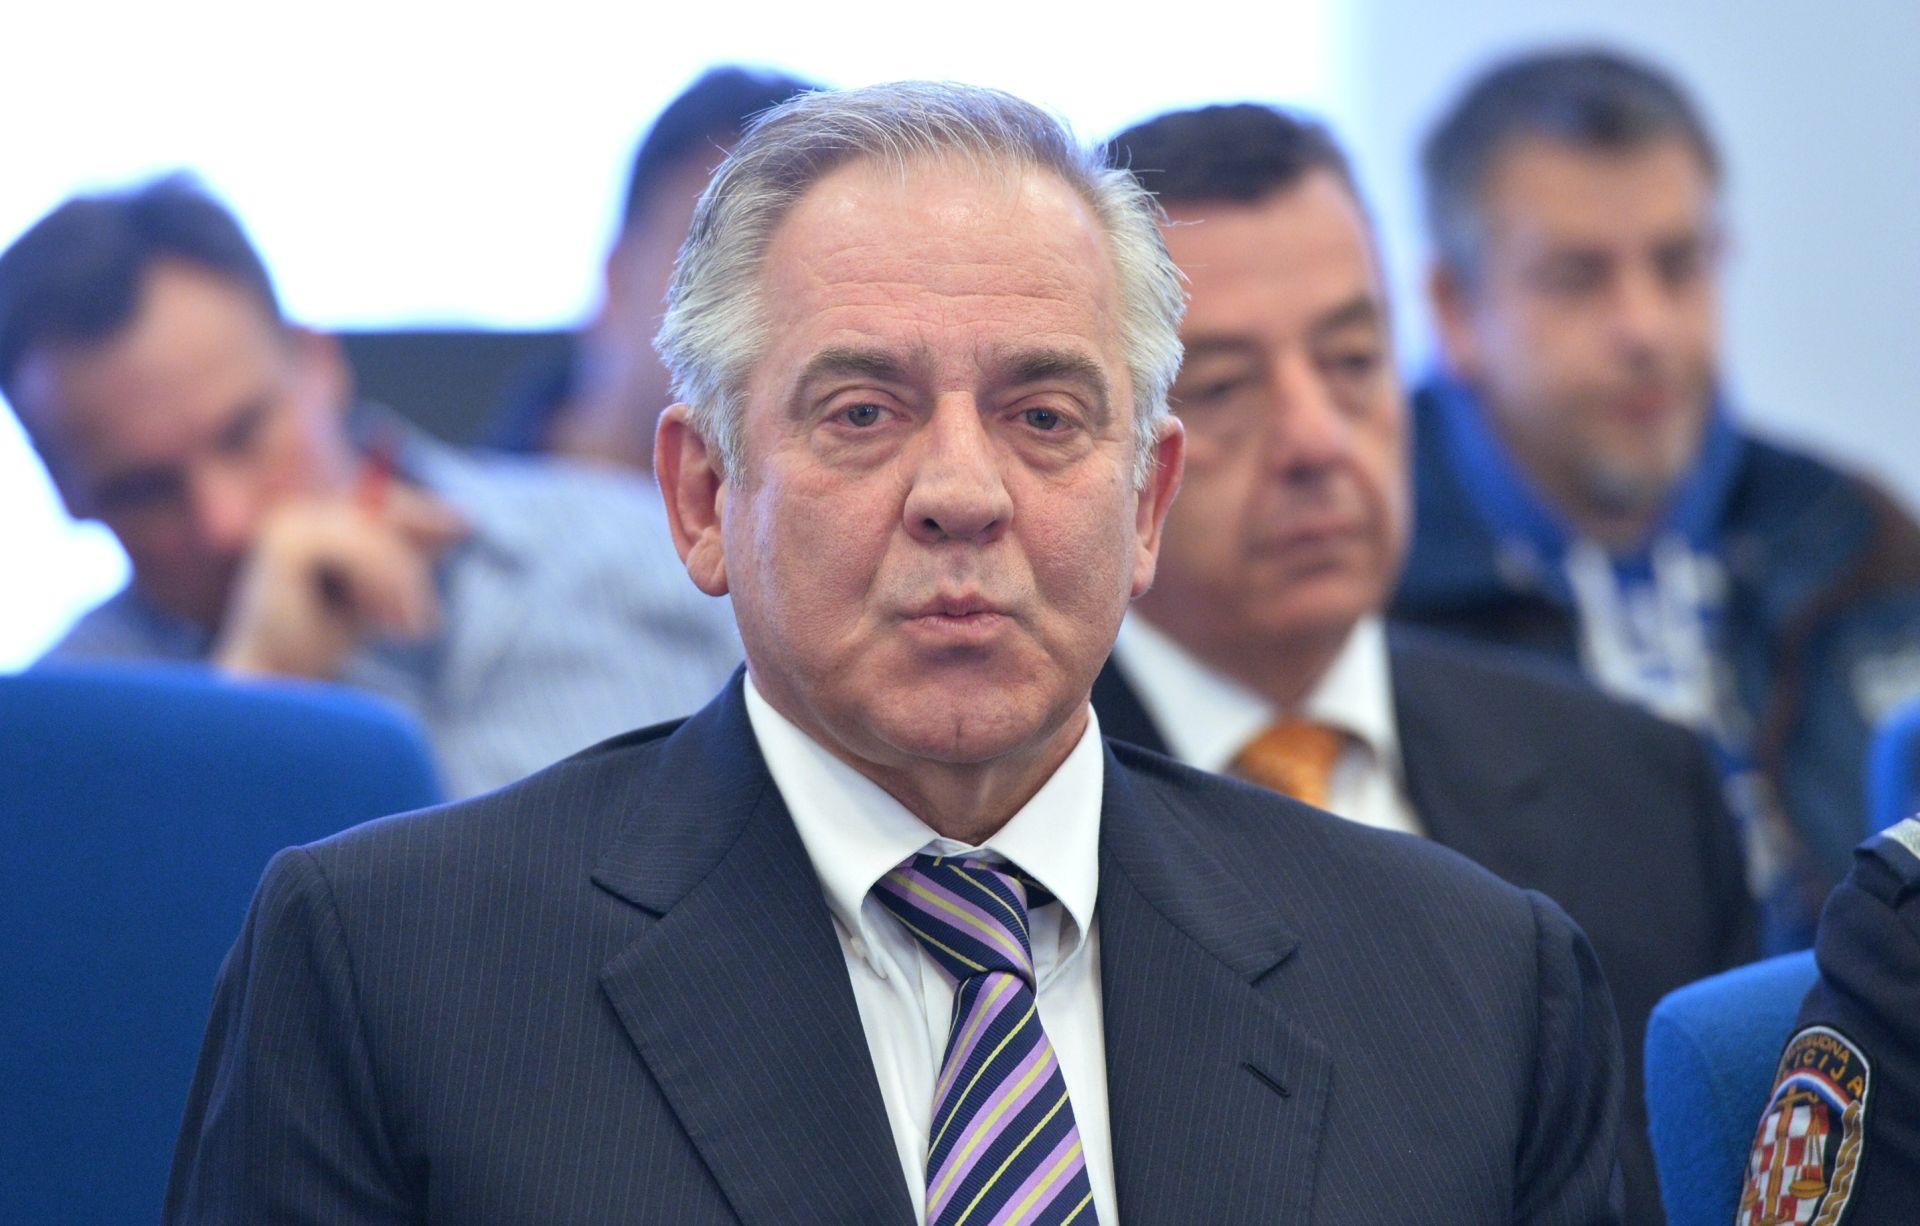 Mađarski MOL profitira od lobiranja u Sanaderovu korist